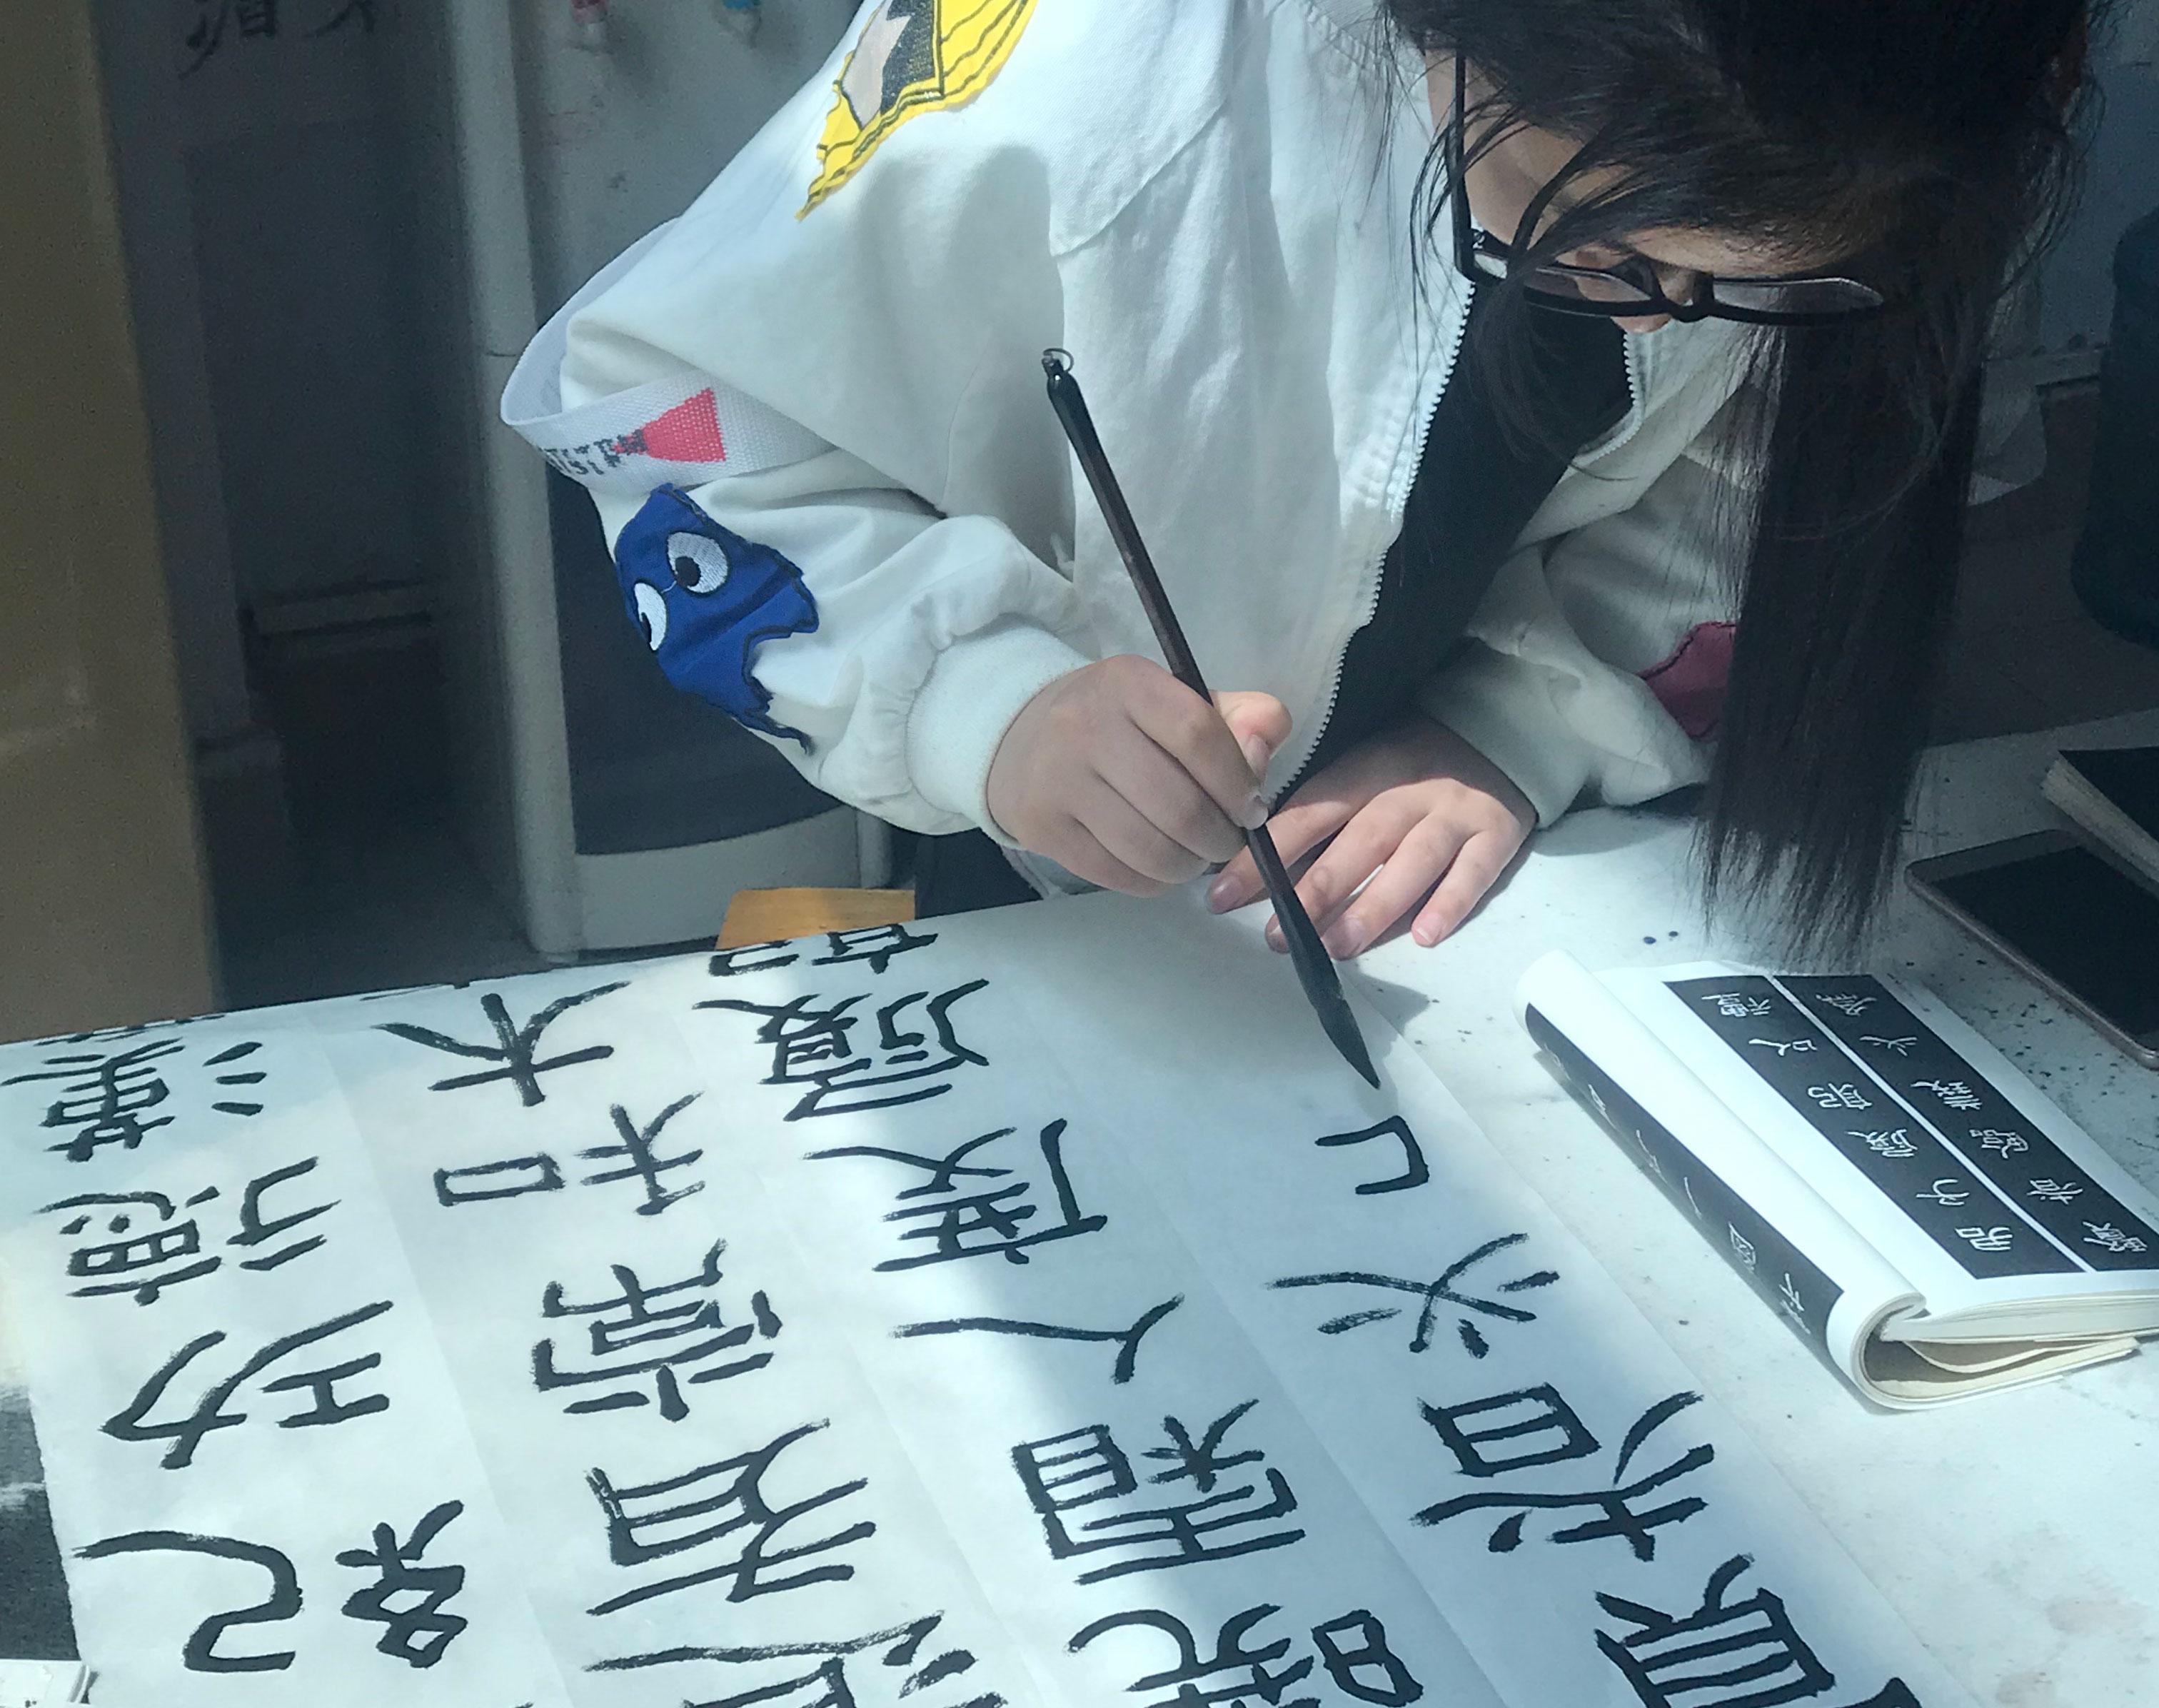 南陽書法培訓學校:學習書法正確方法